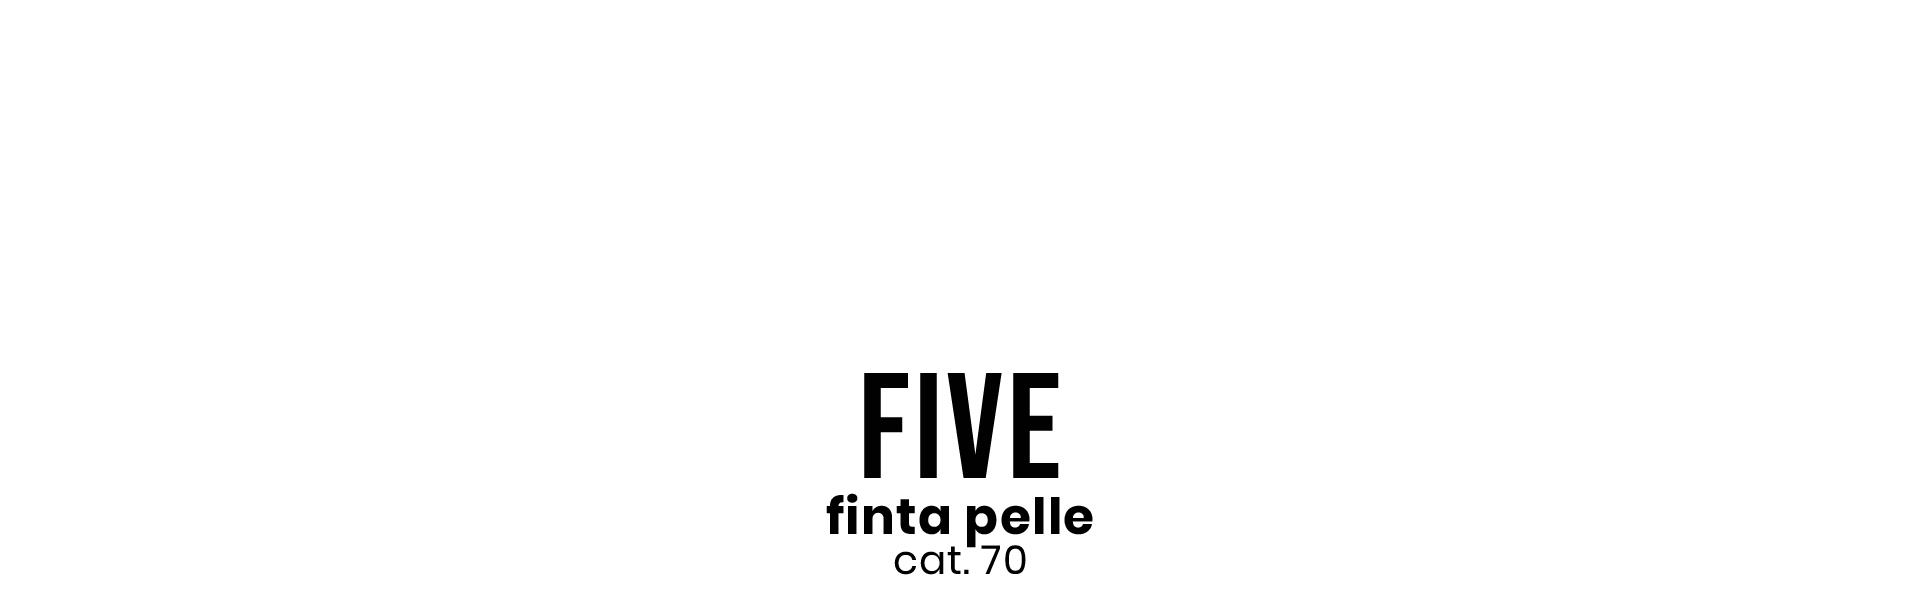 five - Copia